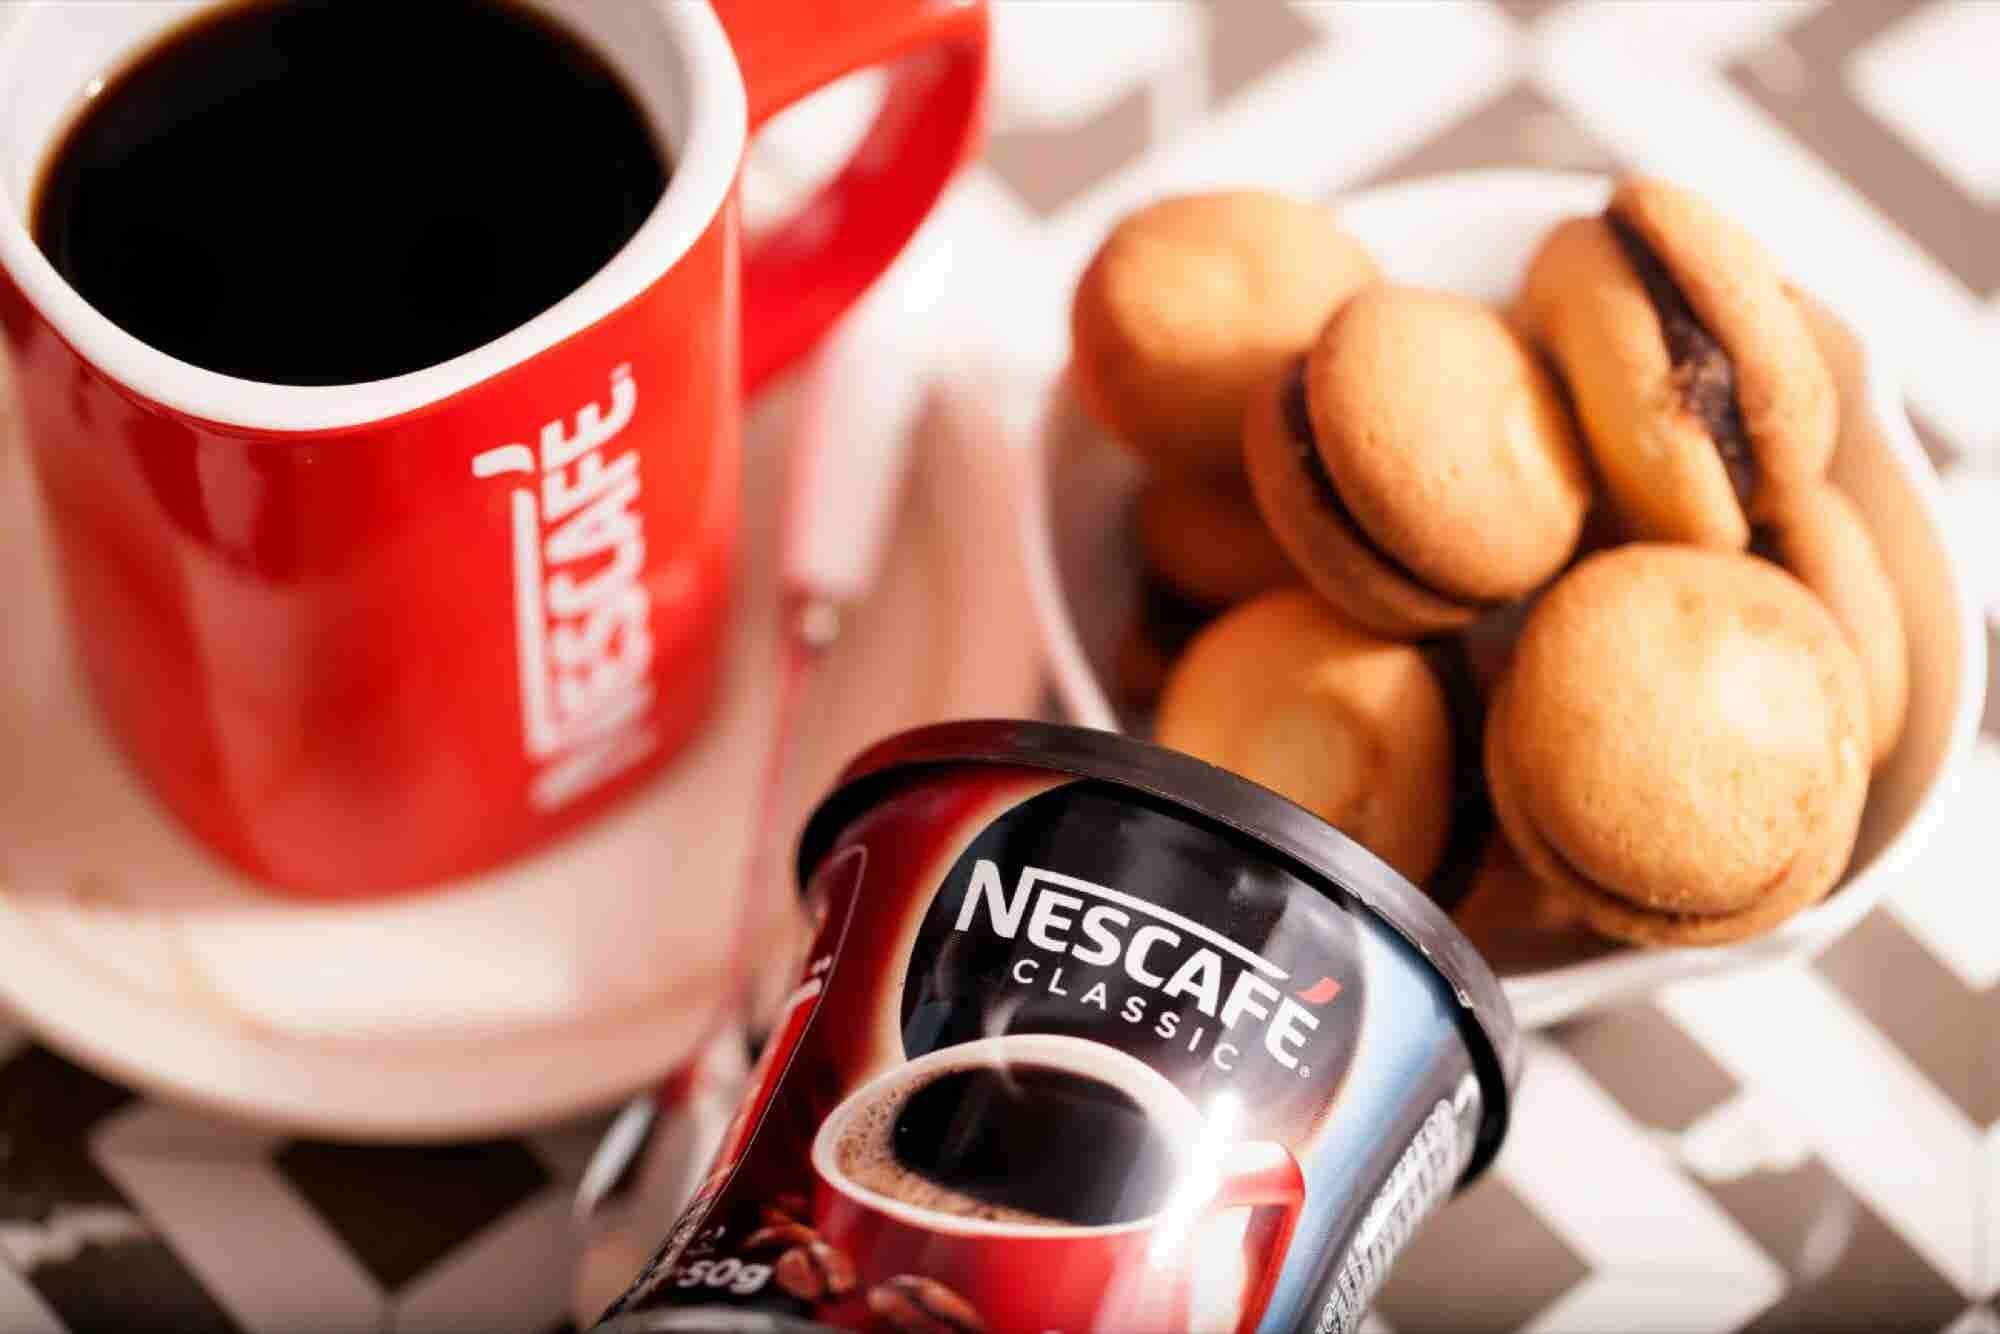 Las cafeterías Nescafé quieren hacerle competencia agresiva a Starbucks